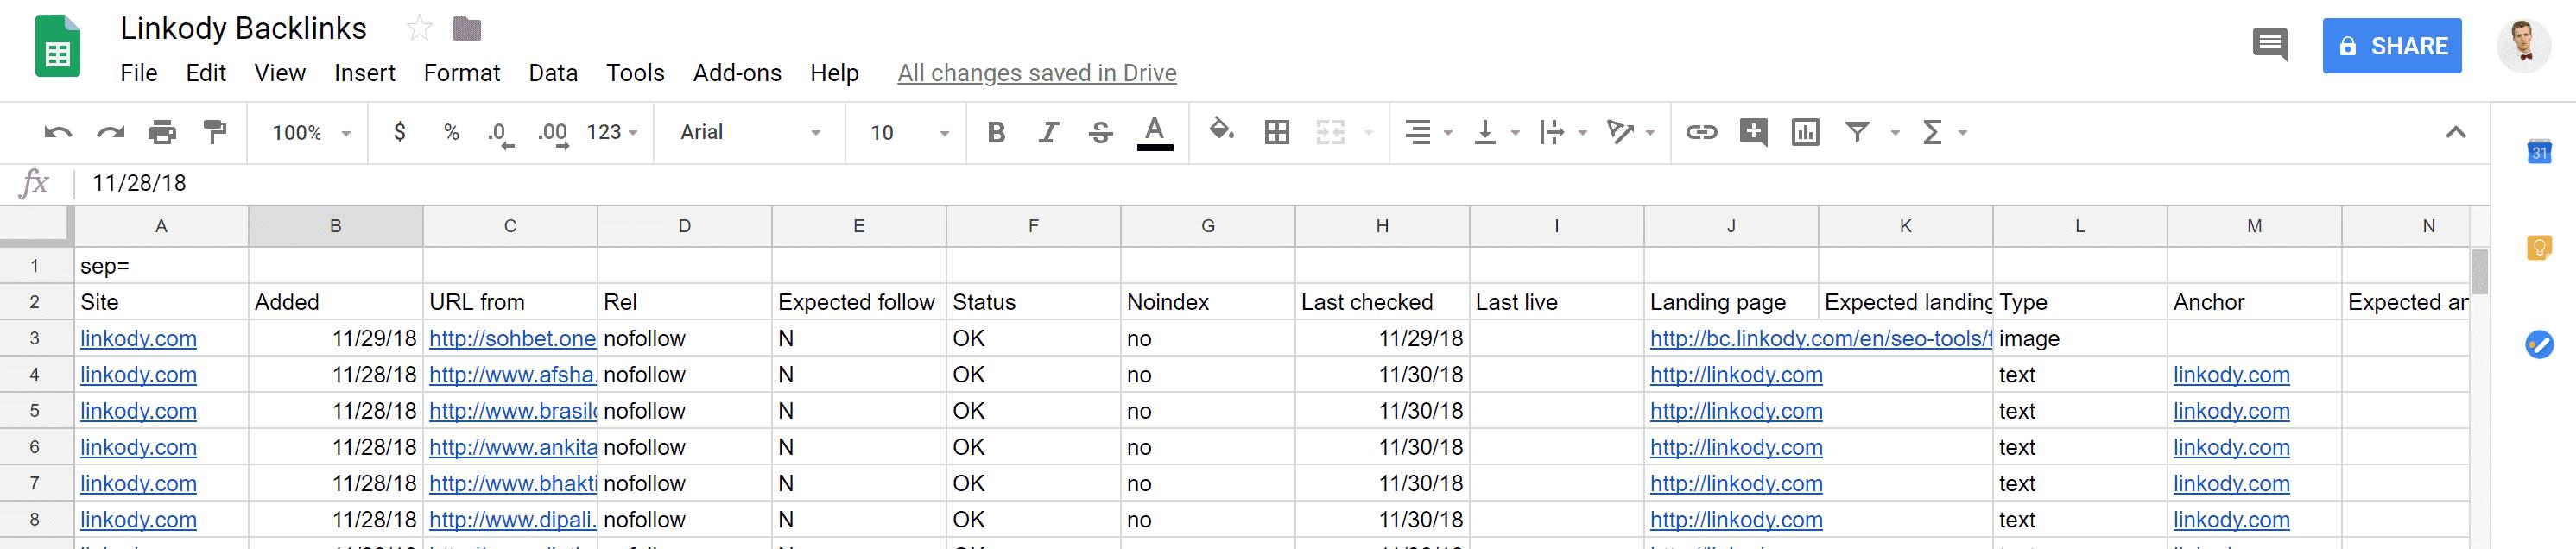 Linkody backlinks in Google Sheet